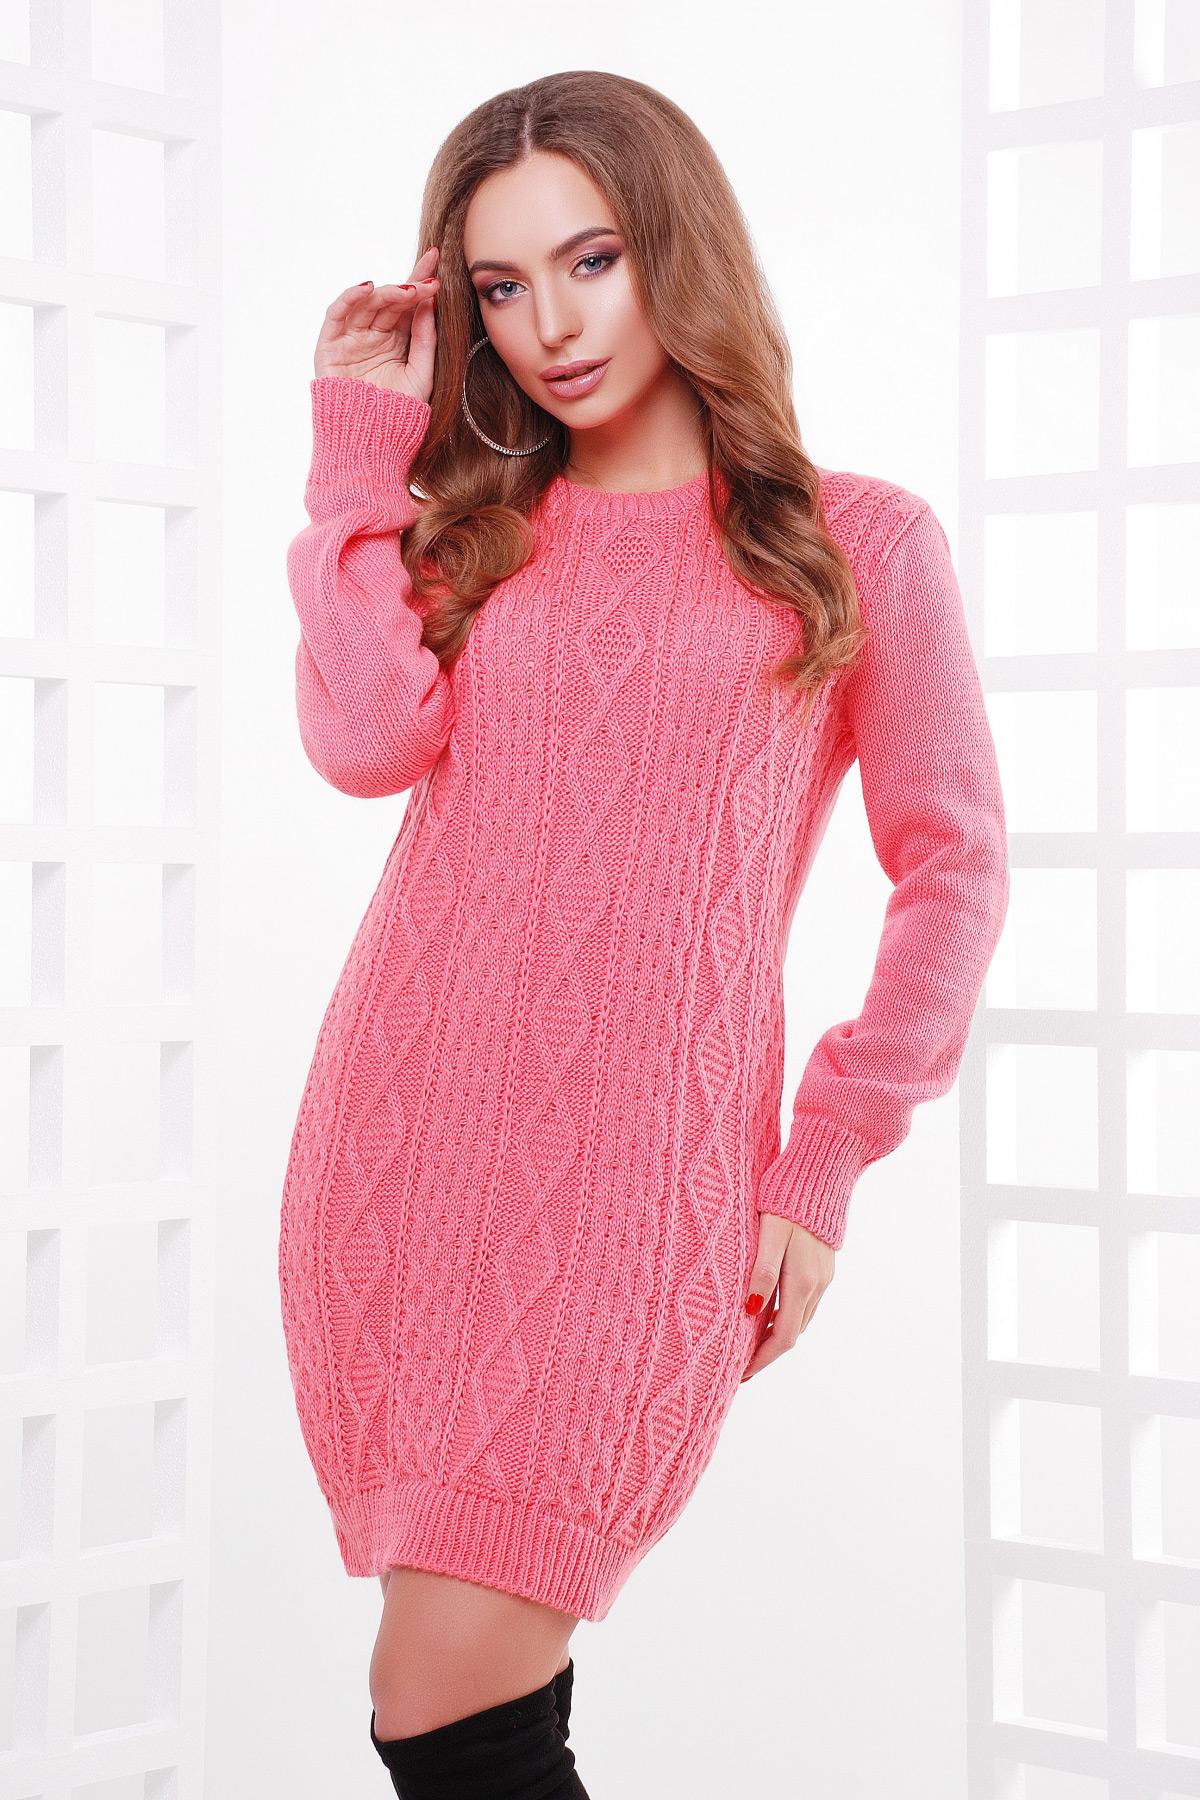 65f35373587 теплое вязаное платье туника. Платье-туника 143. Цвет  коралл